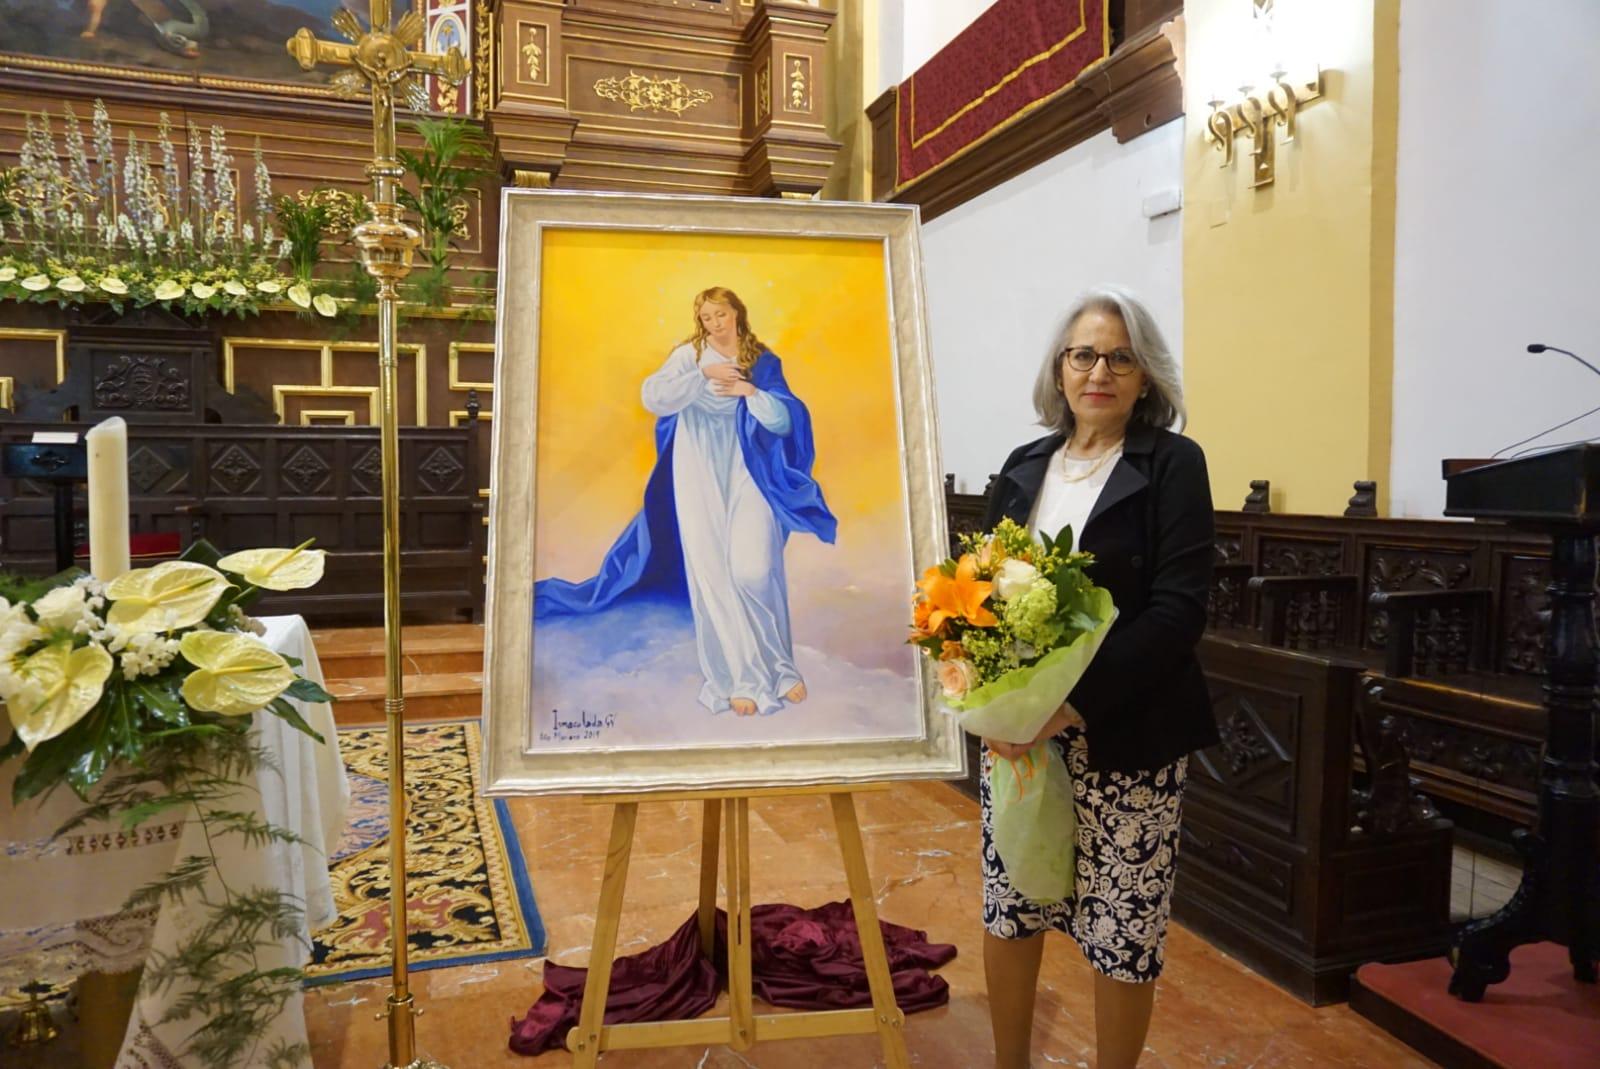 Inmaculada García junto a su cuadro de la Inmaculada Concepción - La pintora Inmaculada García dona un cuadro de temática inmaculista a la parroquia